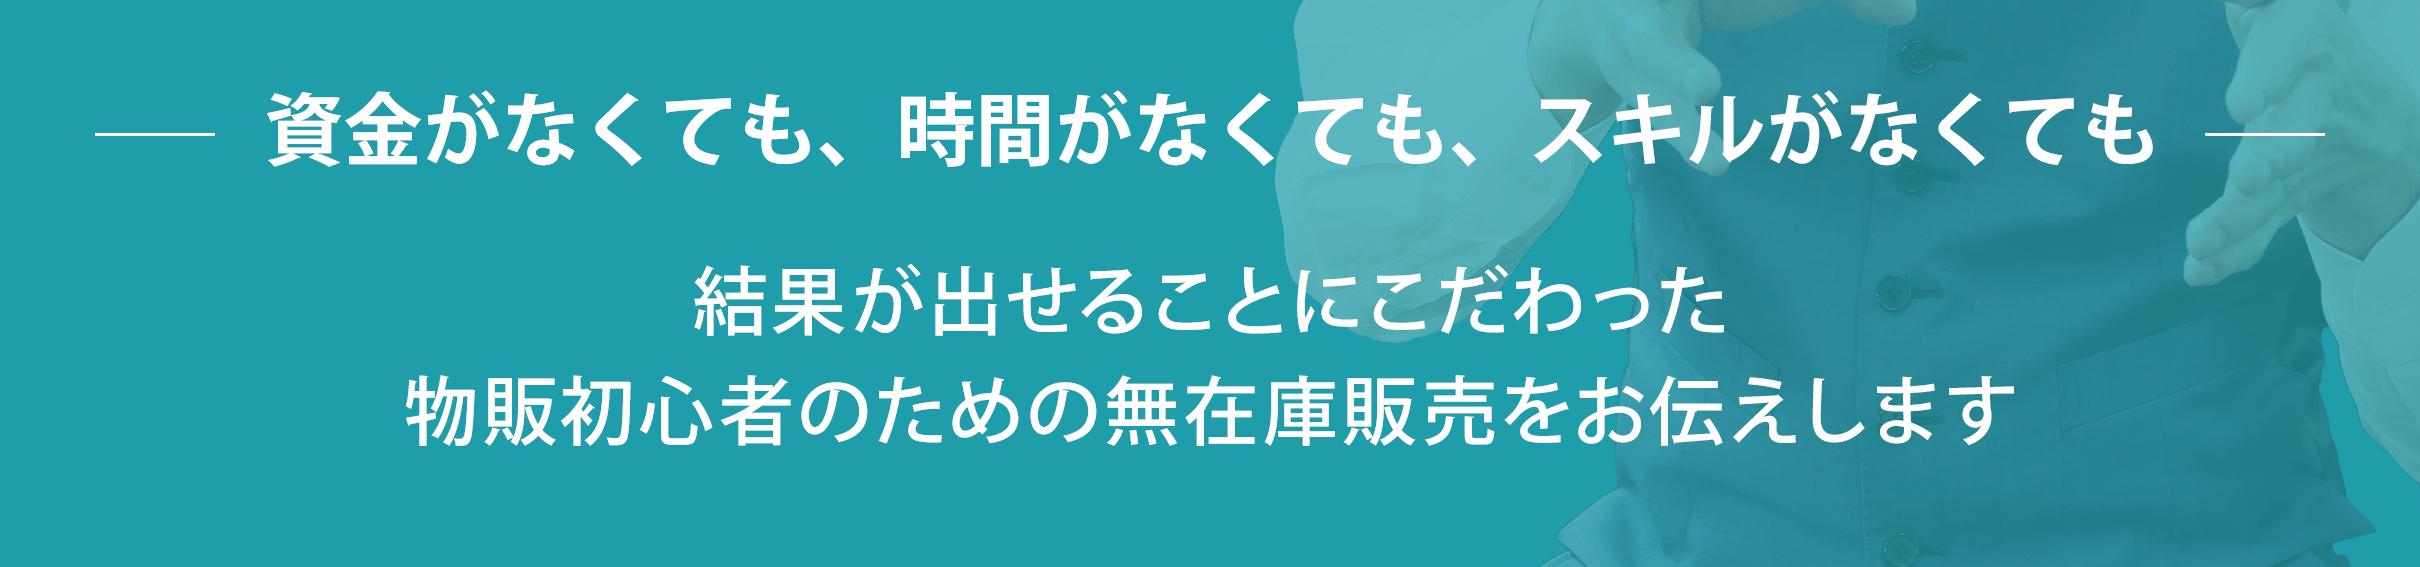 nkgw-import-semB-cont1-2_2-min